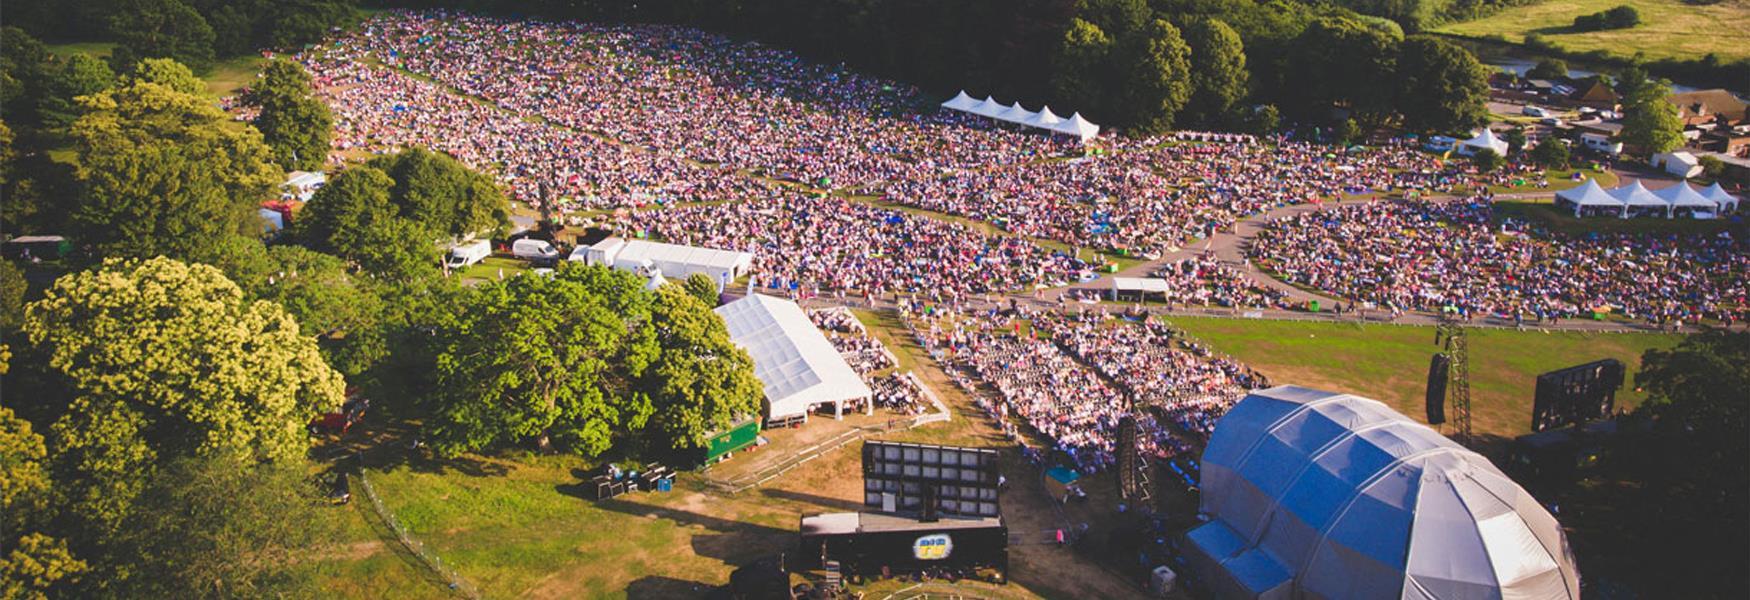 Leeds castle classical concert crowd